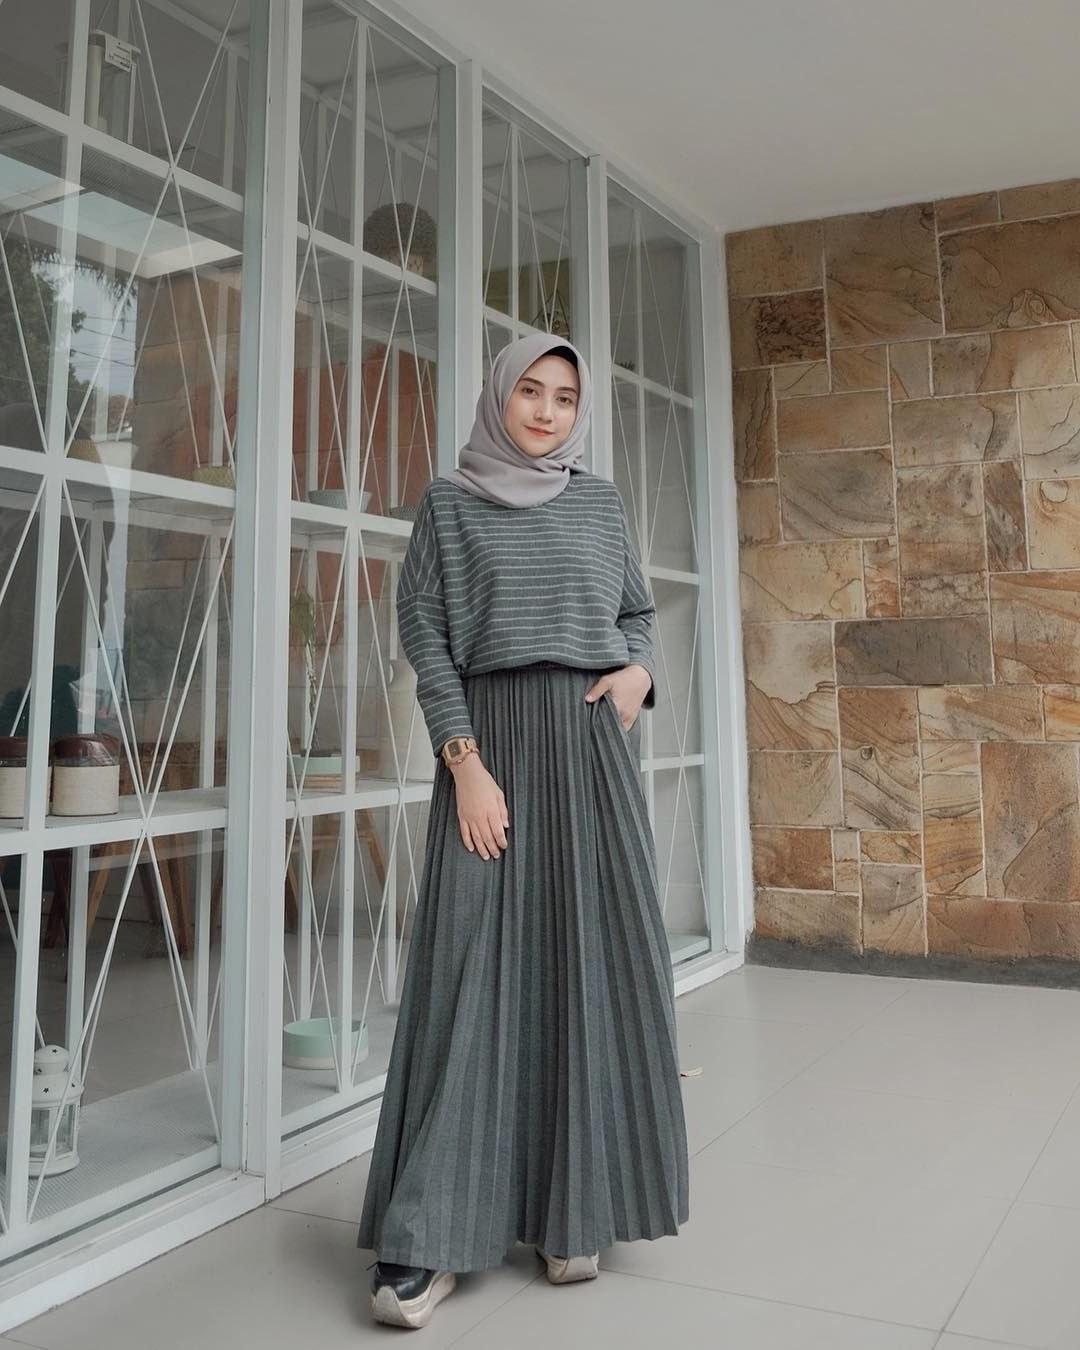 Model Model Baju Lebaran 2019 Wanita Wddj Baju Muslim Lebaran Terbaru 2019 Dengan Gambar